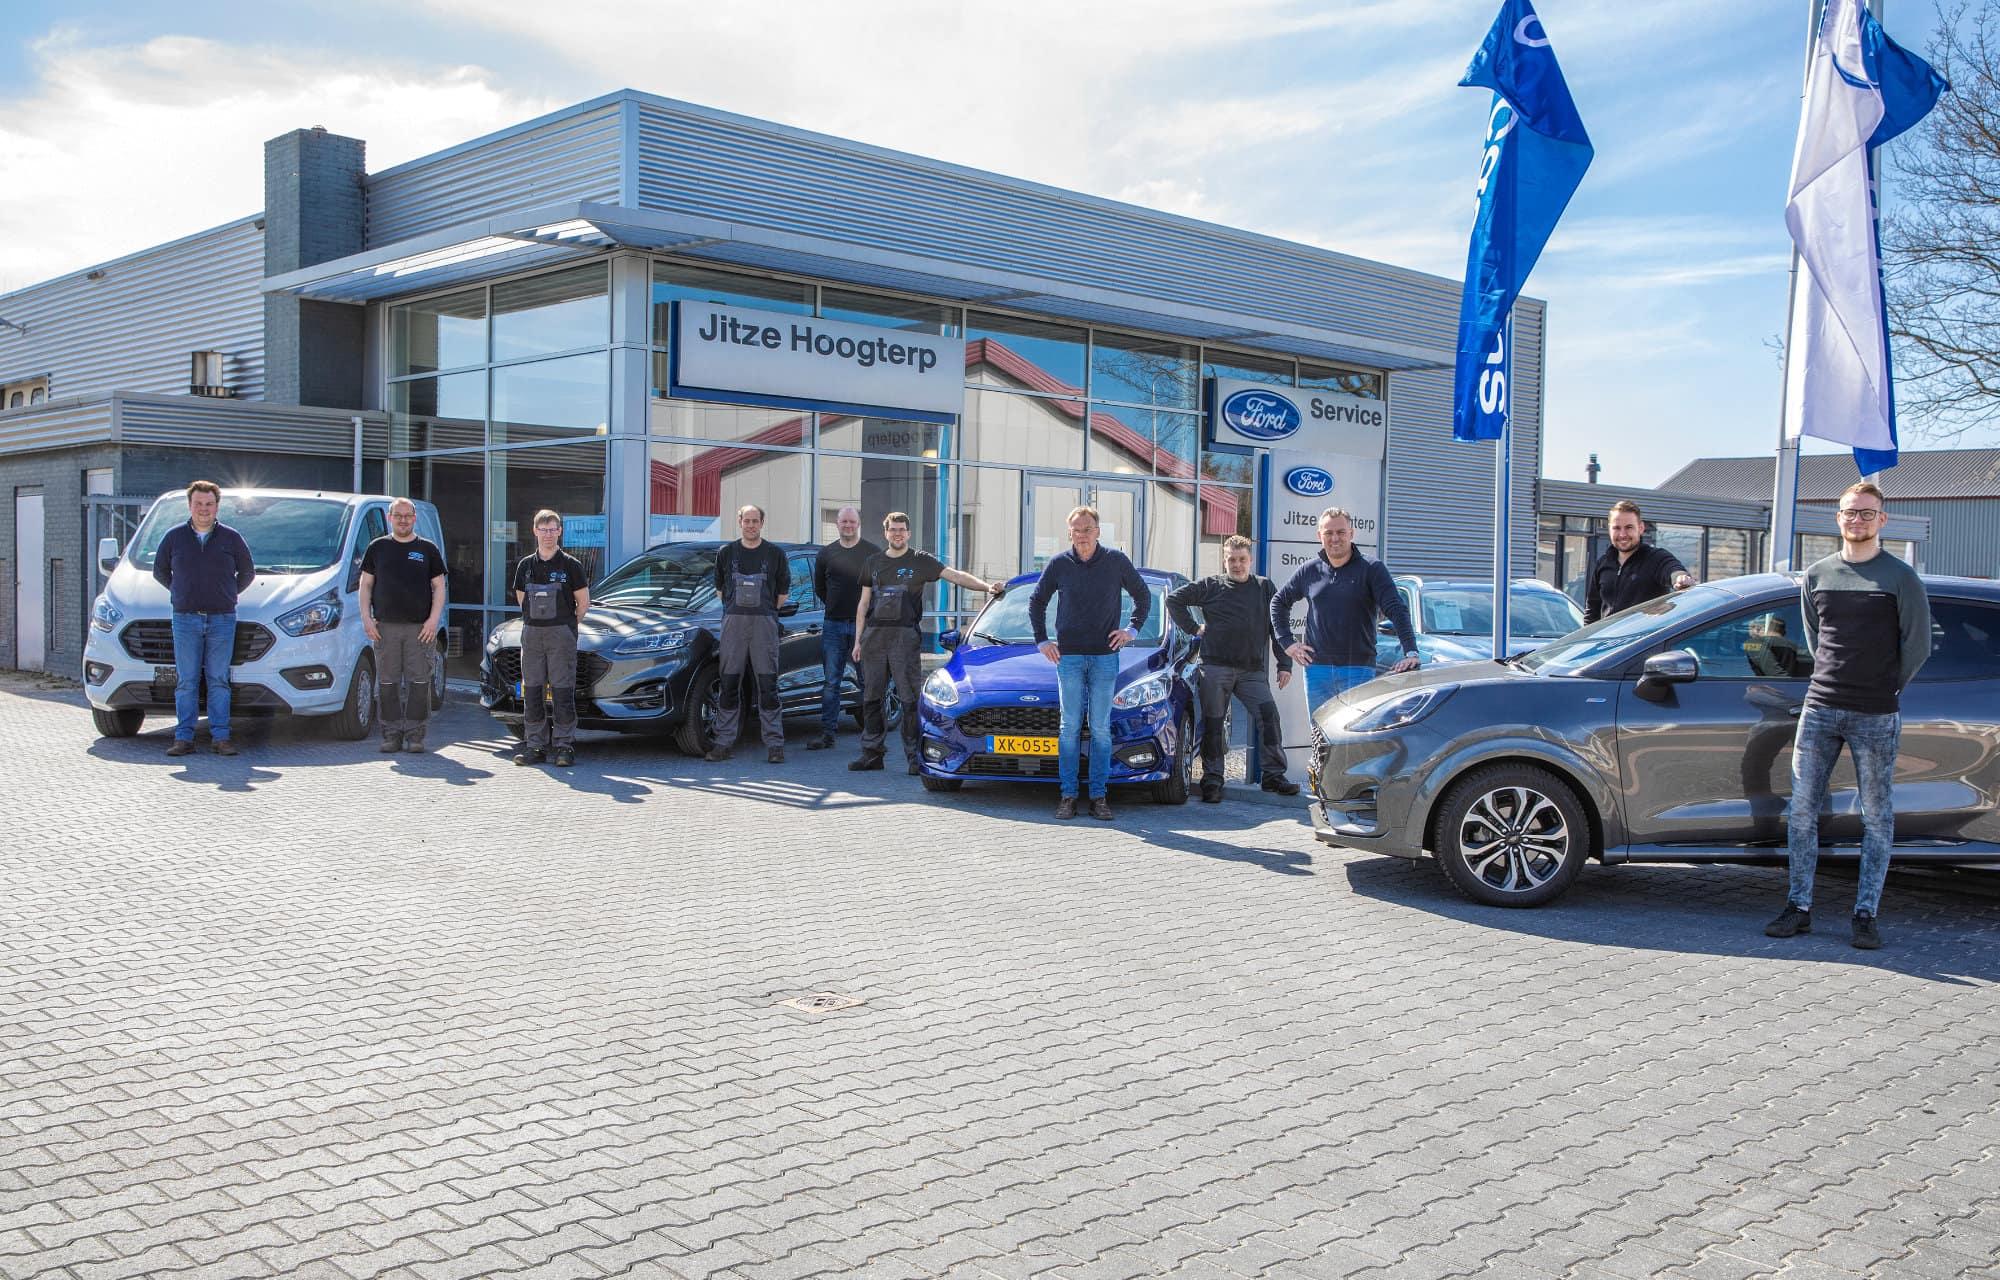 Ford Jitze Hoogterp in Oosterwolde het team